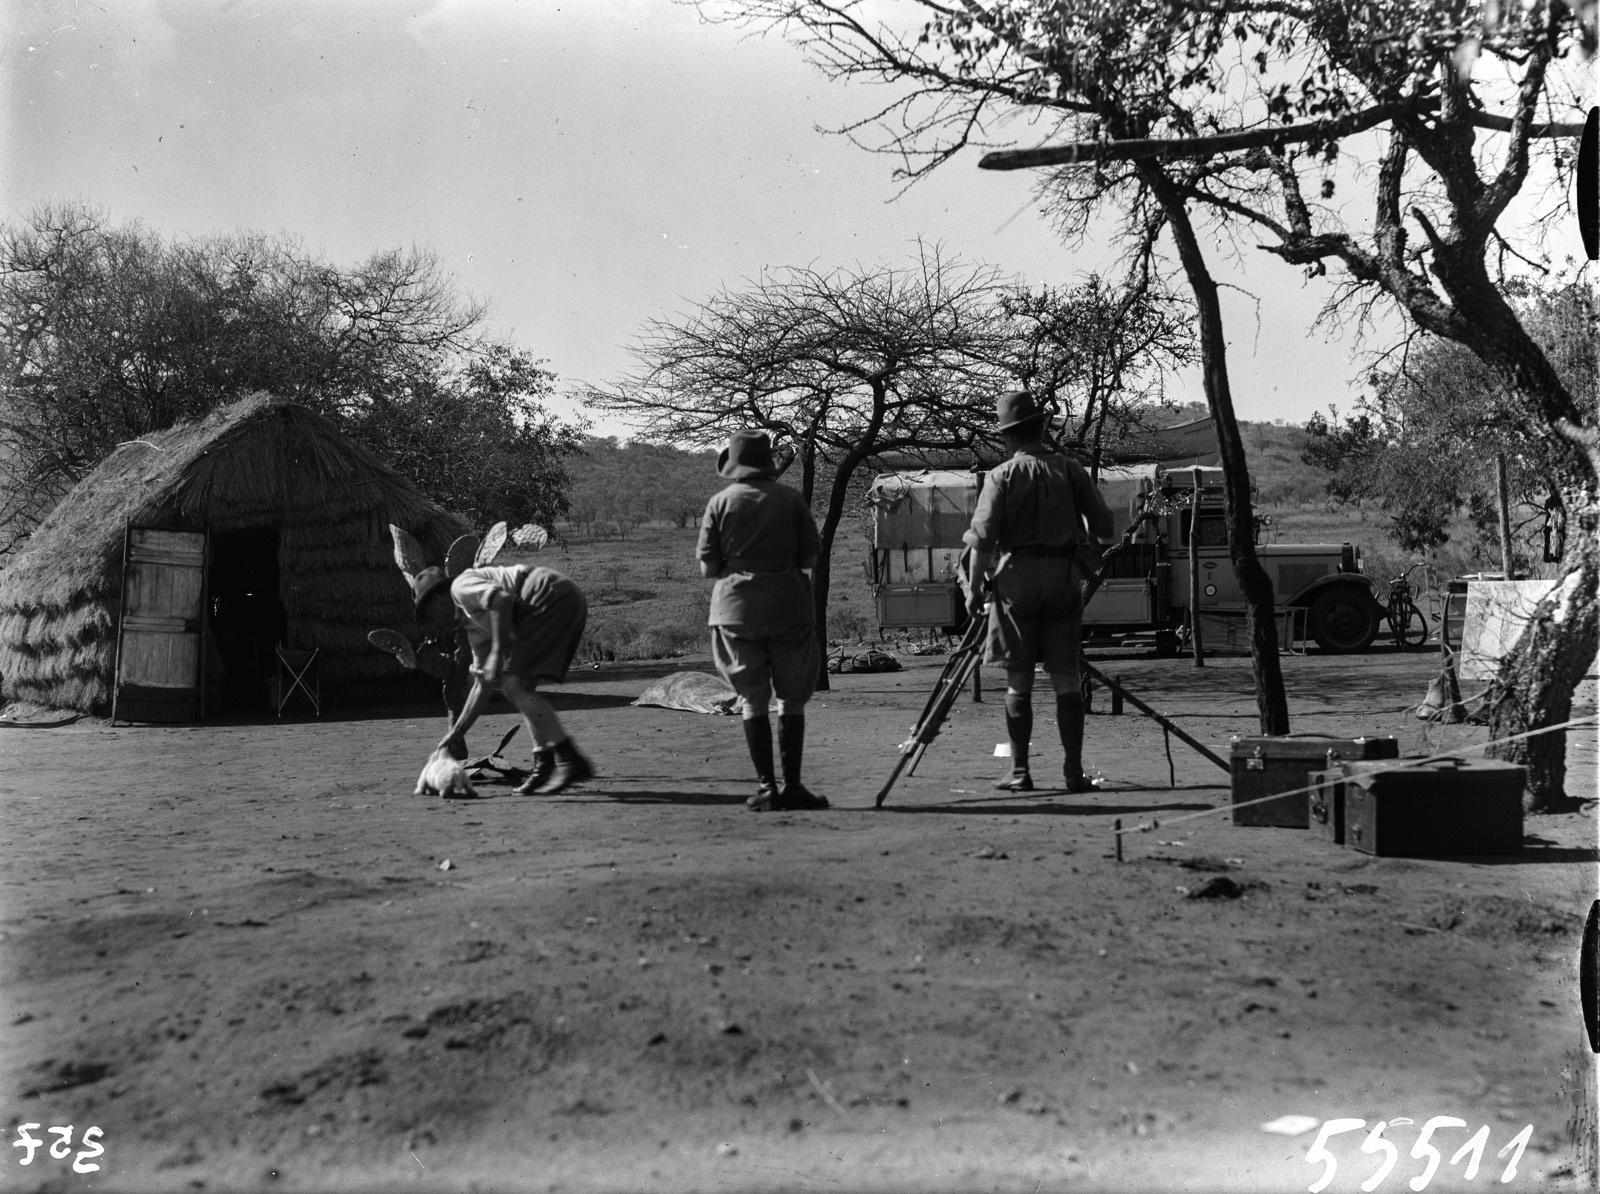 Южно-Африканский Союз. В окрестностях Претории. Участники экспедиции снимают в поселении. Шомбургк держит собаку